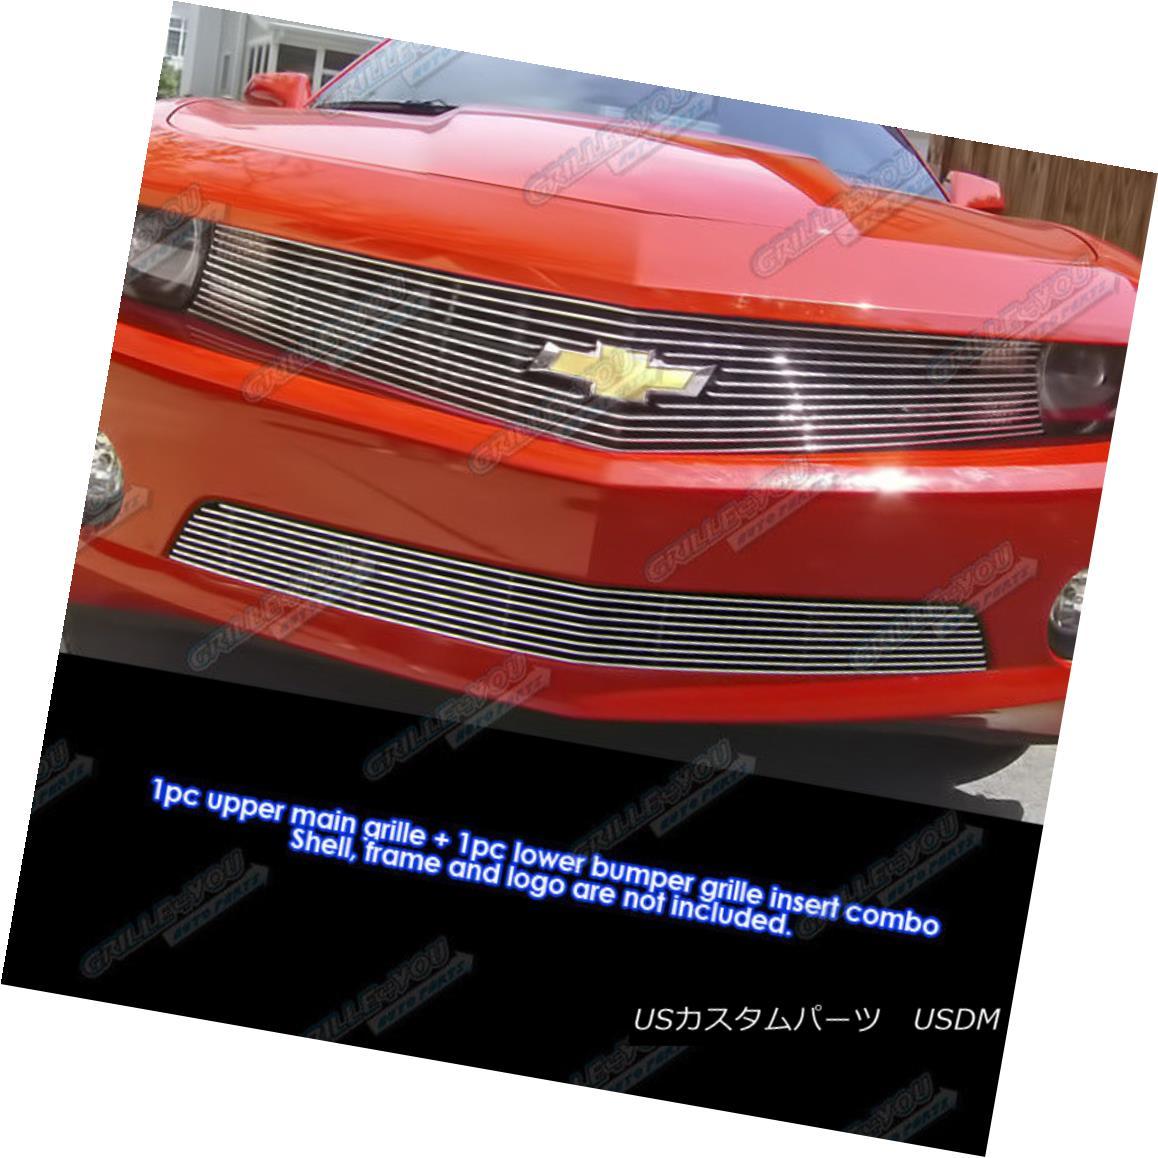 グリル Fits 2010-2013 Chevy Camaro LT/LS V6 Billet Grille Grill Logo Show Combo Insert フィット2010-2013シボレーカマロLT / LS V6ビレットグリルグリルロゴショーコンボインサート